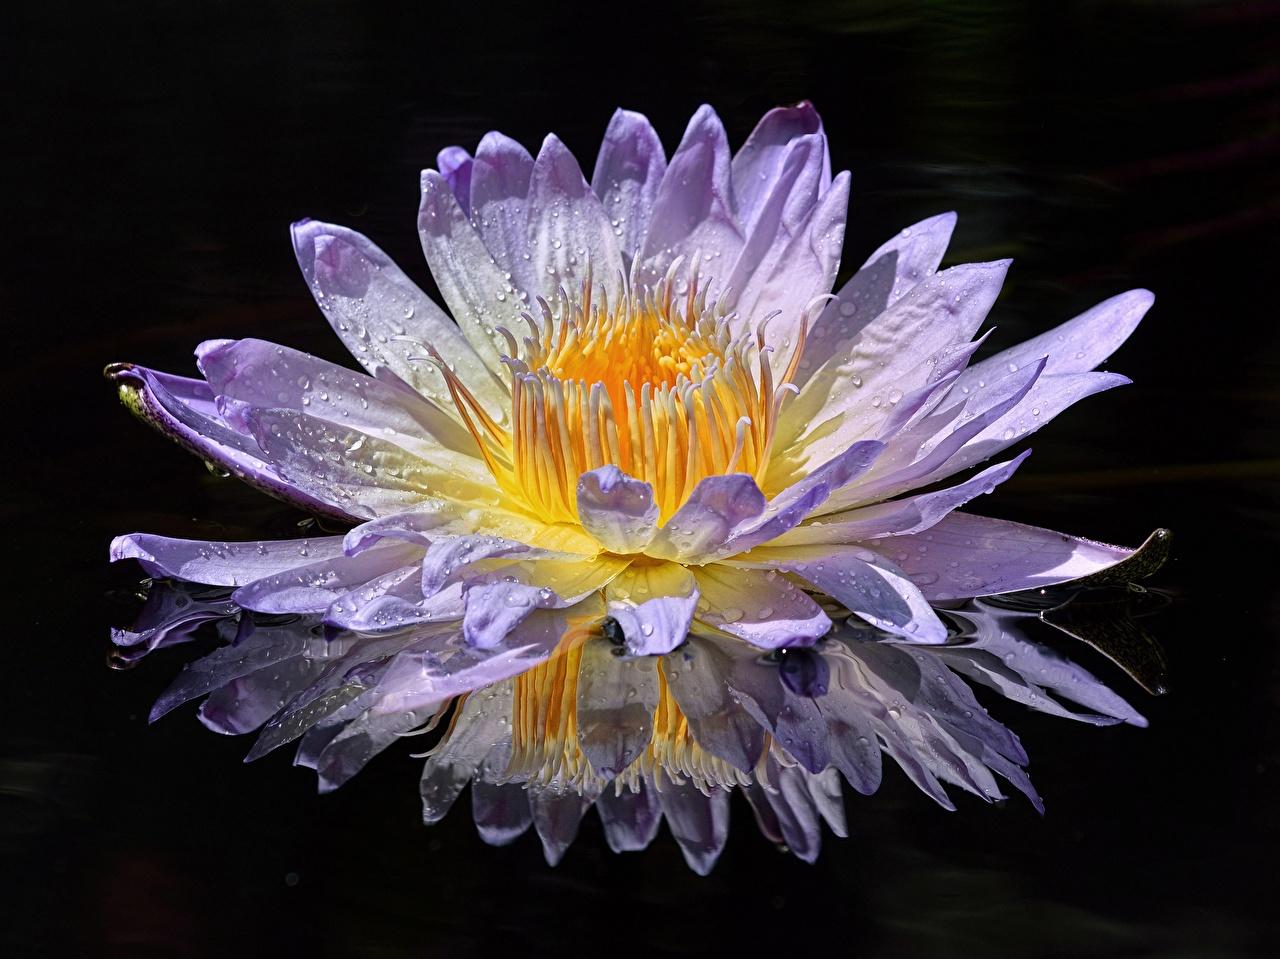 Картинки цветок капельки Кувшинки отражении Крупным планом Цветы Капли капля капель Отражение отражается Водяные лилии вблизи